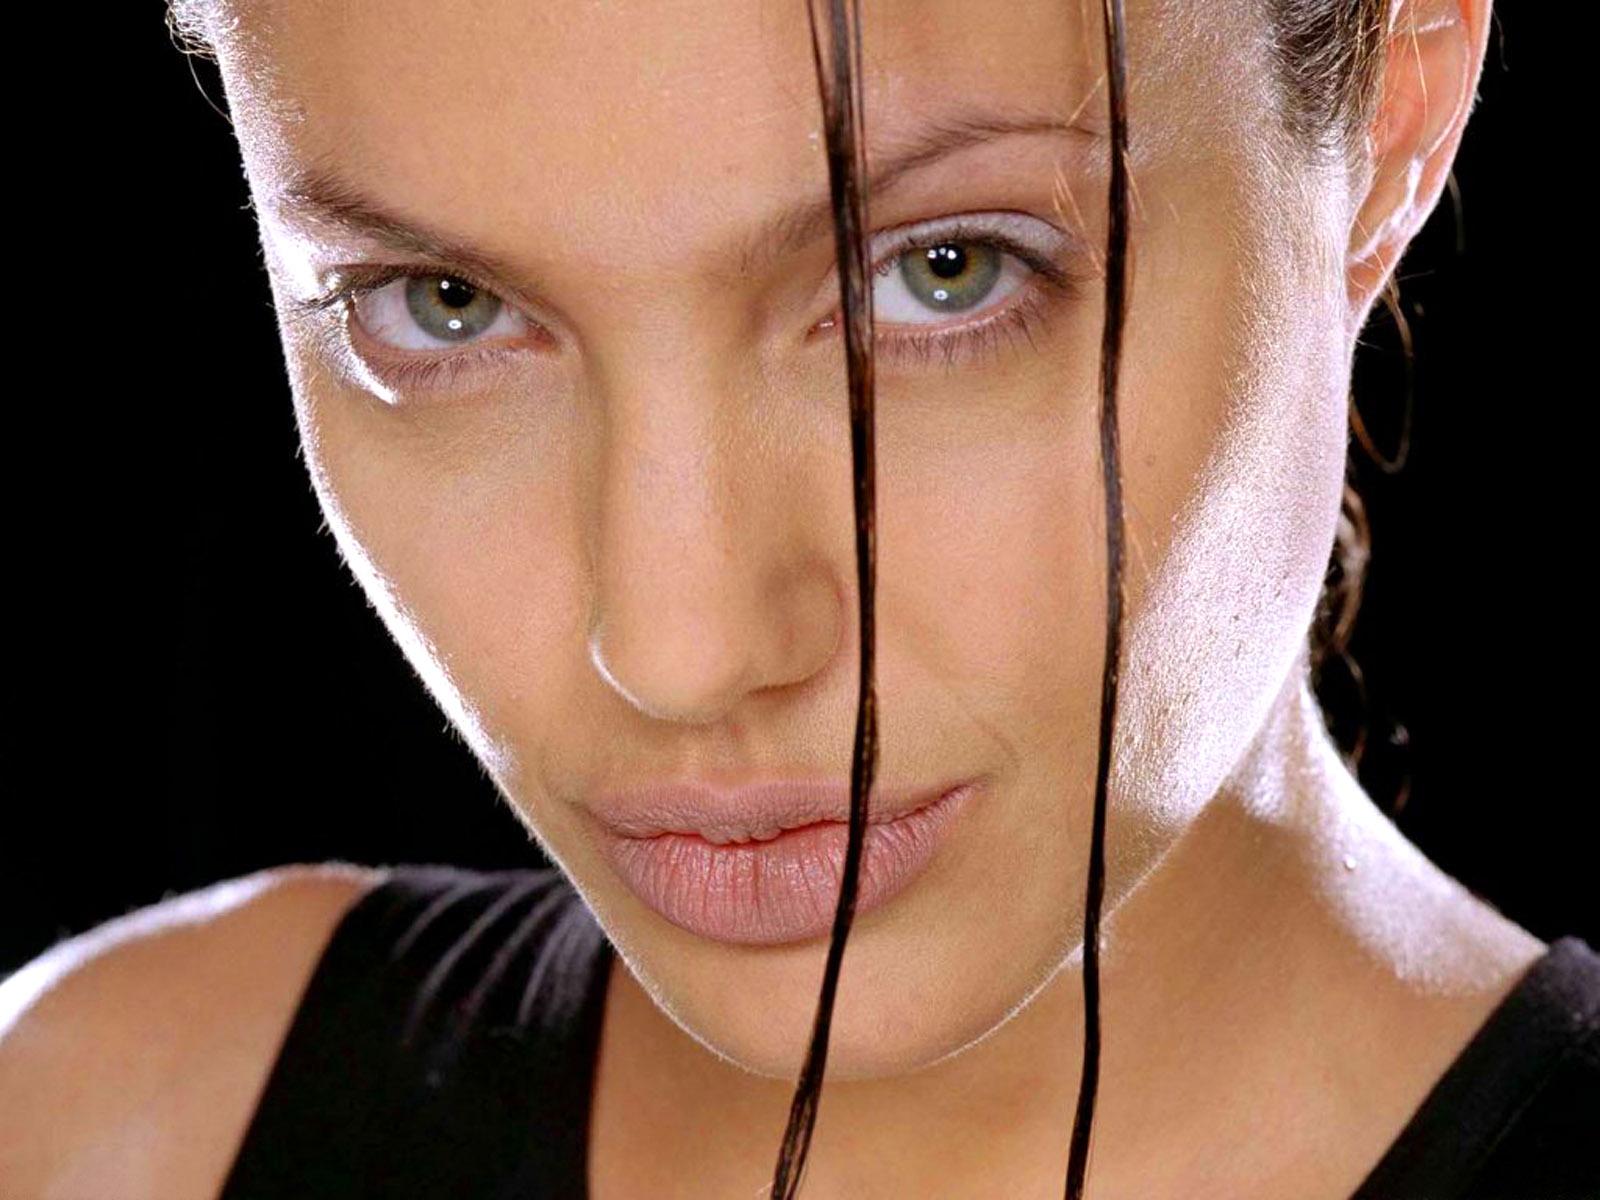 http://1.bp.blogspot.com/-RDa30_xGXjU/TdRnZYaGgtI/AAAAAAAAACE/d-Nk1xmkhZ8/s1600/The-best-top-desktop-angelina-jolie-wallpapers-30.jpg